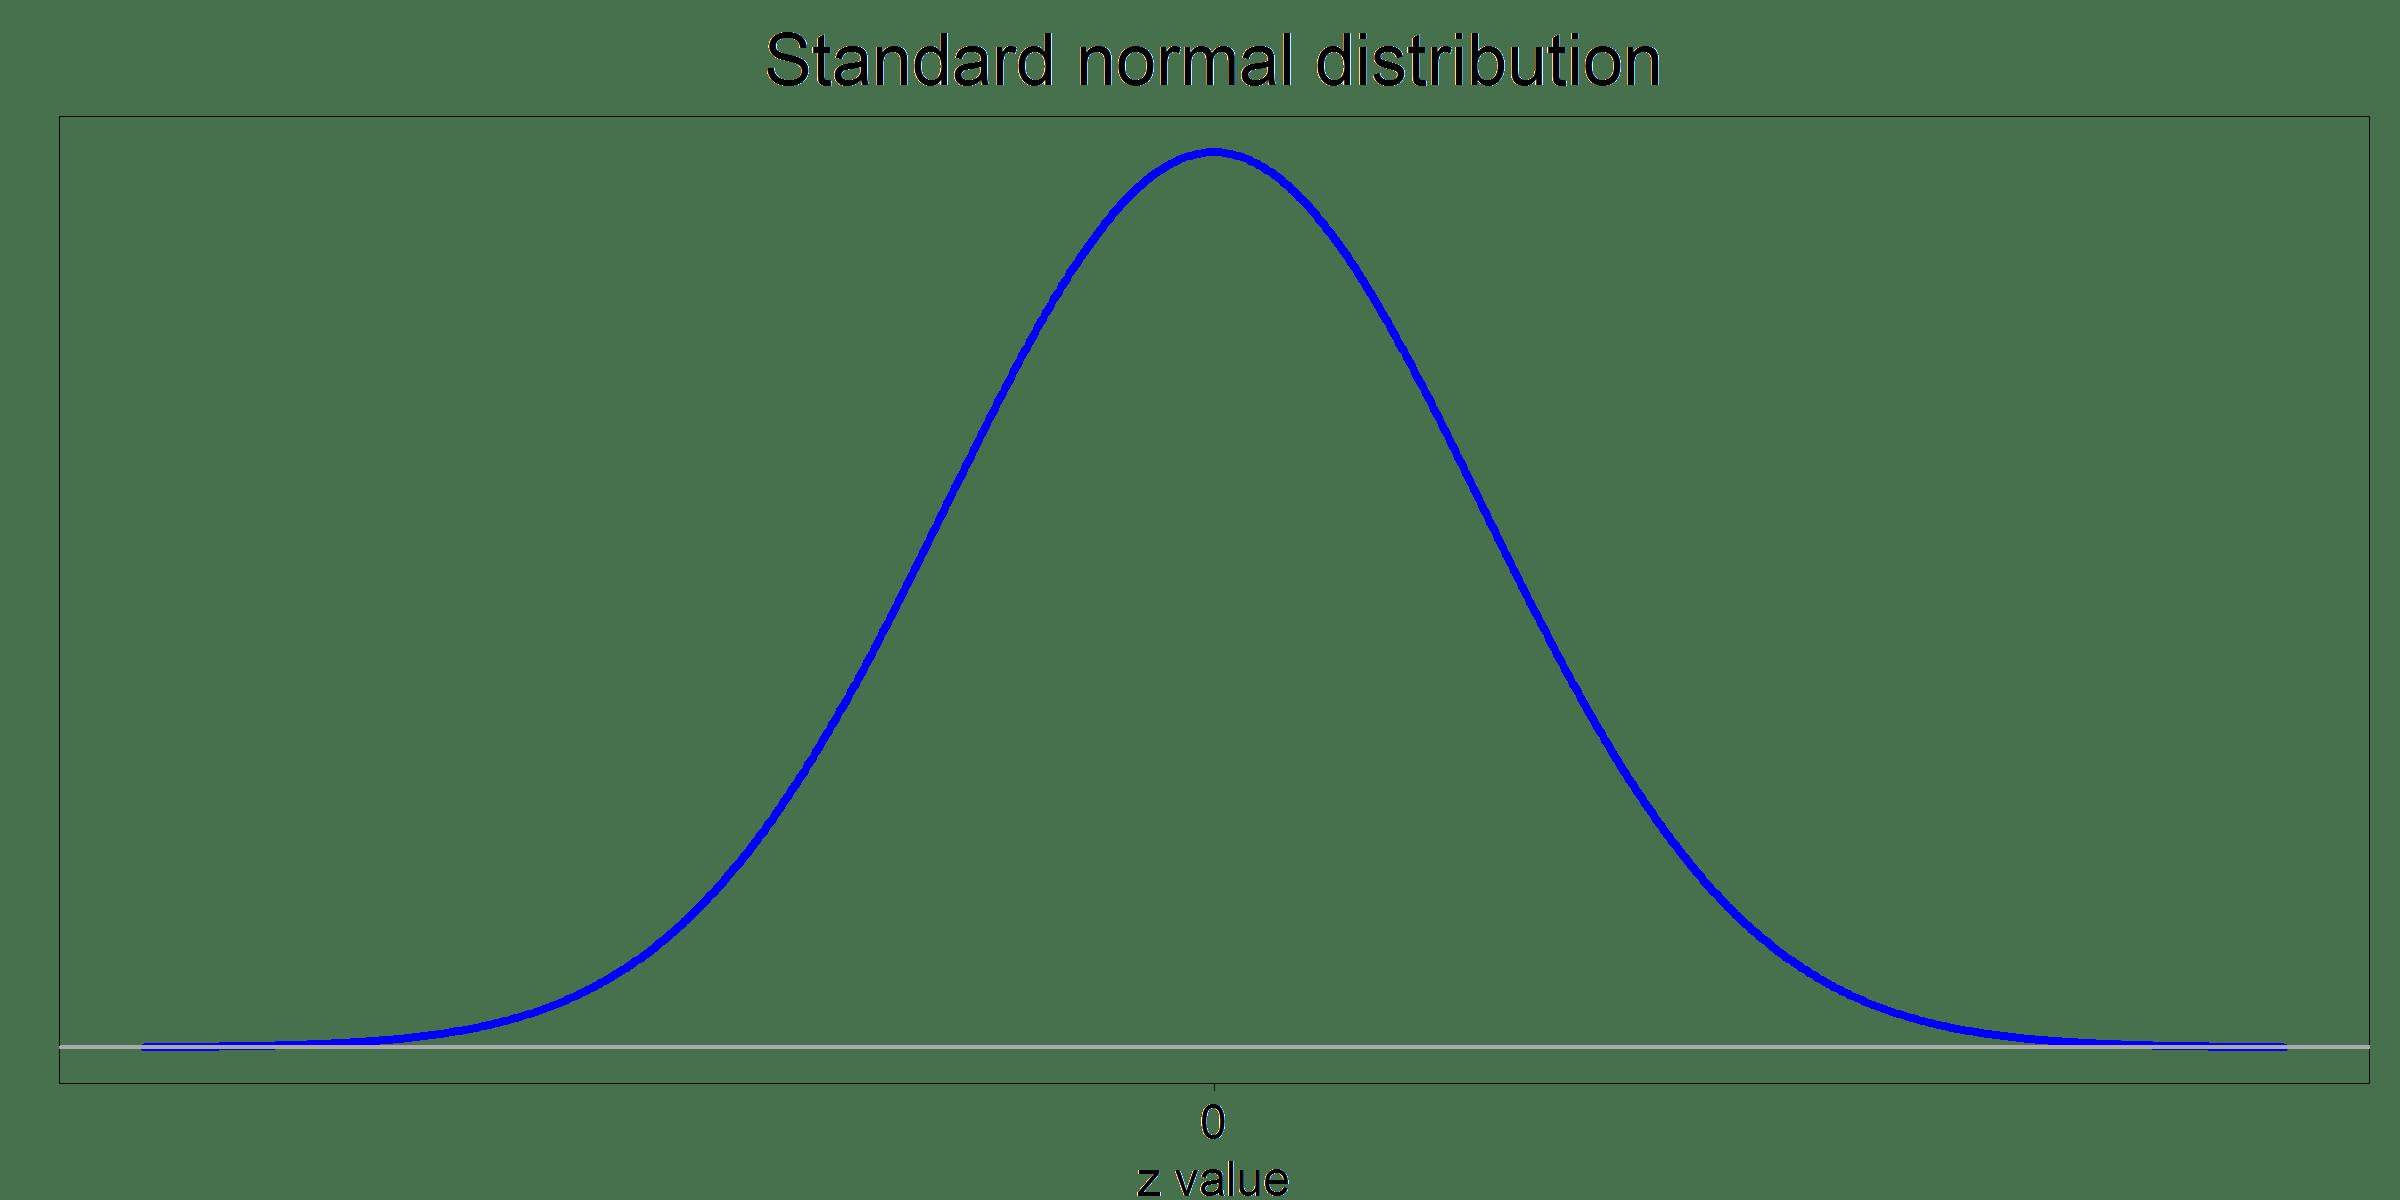 Sampling Distribution Of The Z Statistic